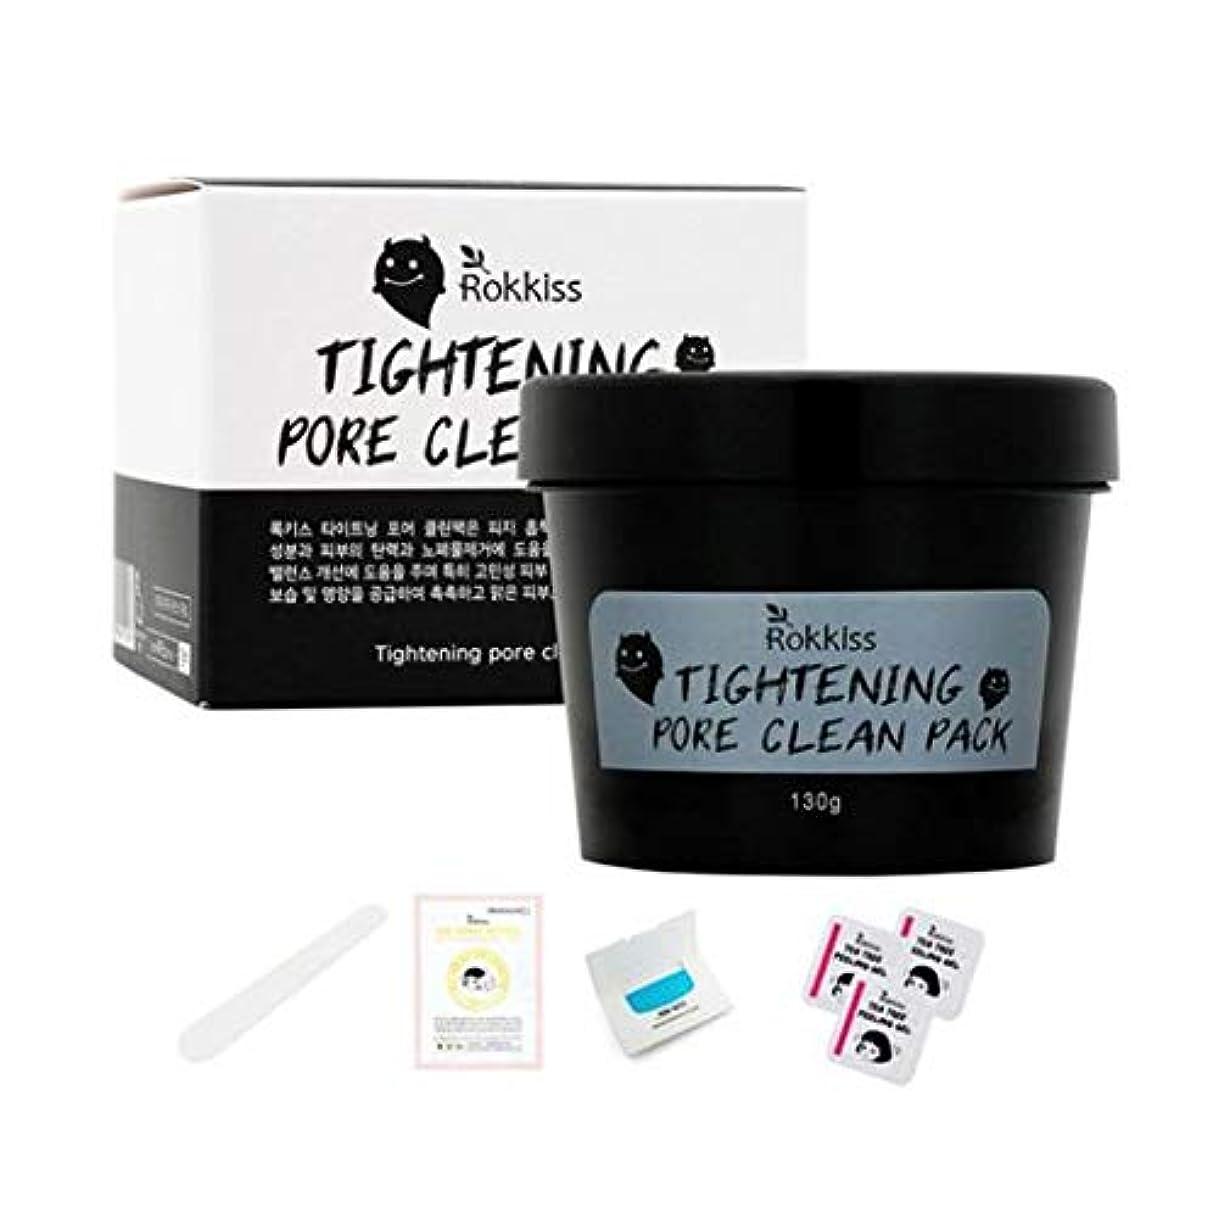 布皮肉な現像【Rokkis] Tightening Pore Clean Pack/強力な吸着毛穴パックセット/カオリン、ベントナイト、マッド成分含有/皮脂除去/毛穴収縮/追加4種プレゼント贈呈[並行輸入品]